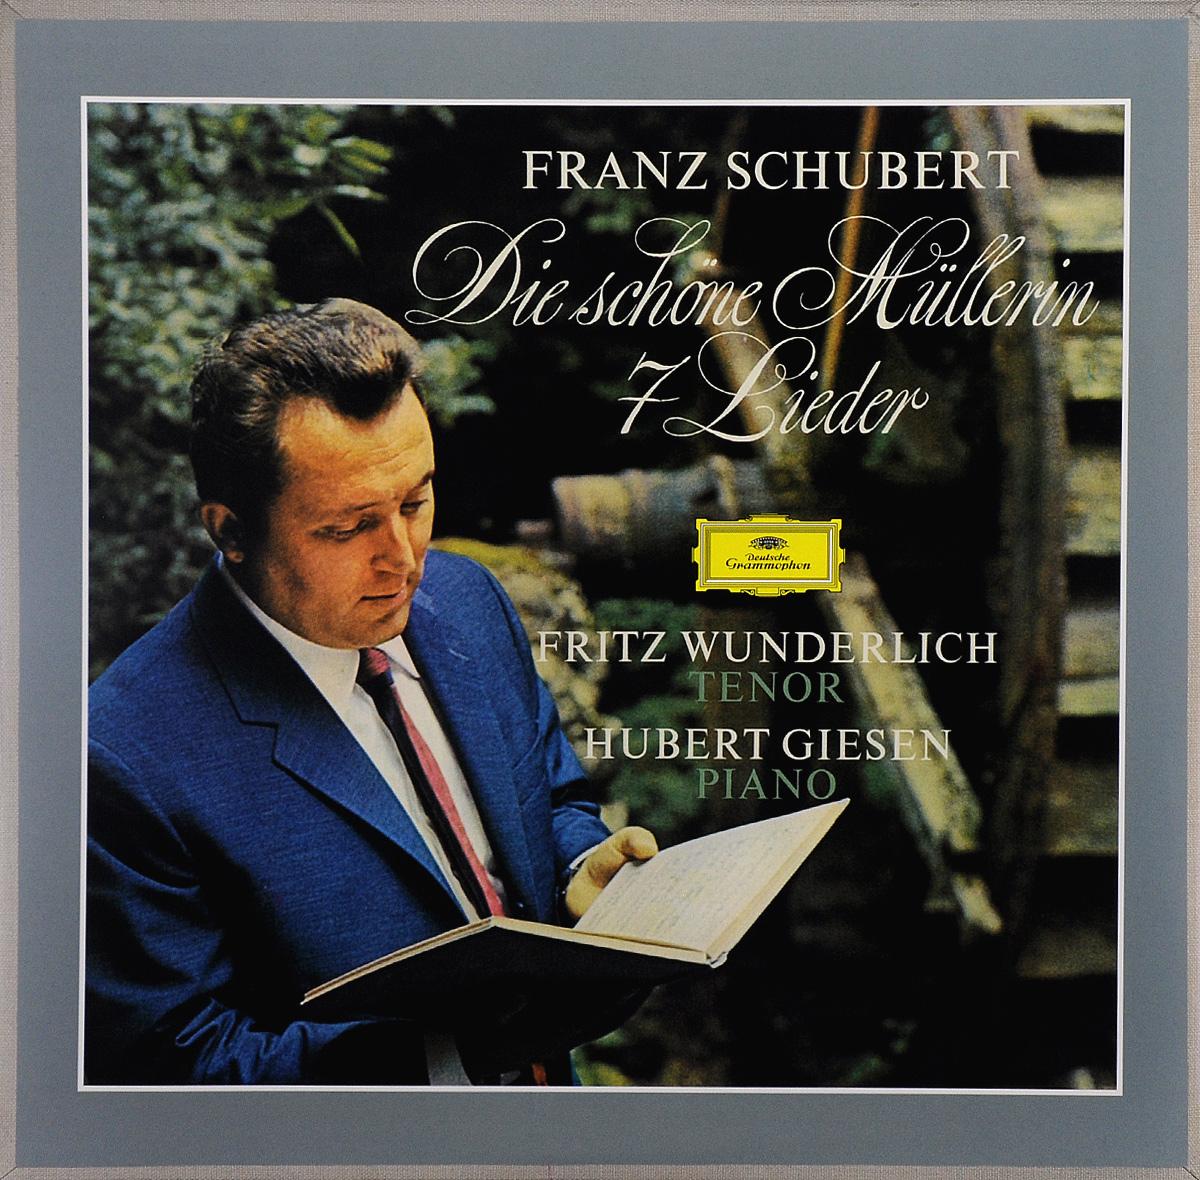 лучшая цена Фритц Вундерлих,Хуберт Гисен Fritz Wunderlich. Hubert Giesen. Franz Schubert. Die Schone Mullerin / 7 Lieder (LP)